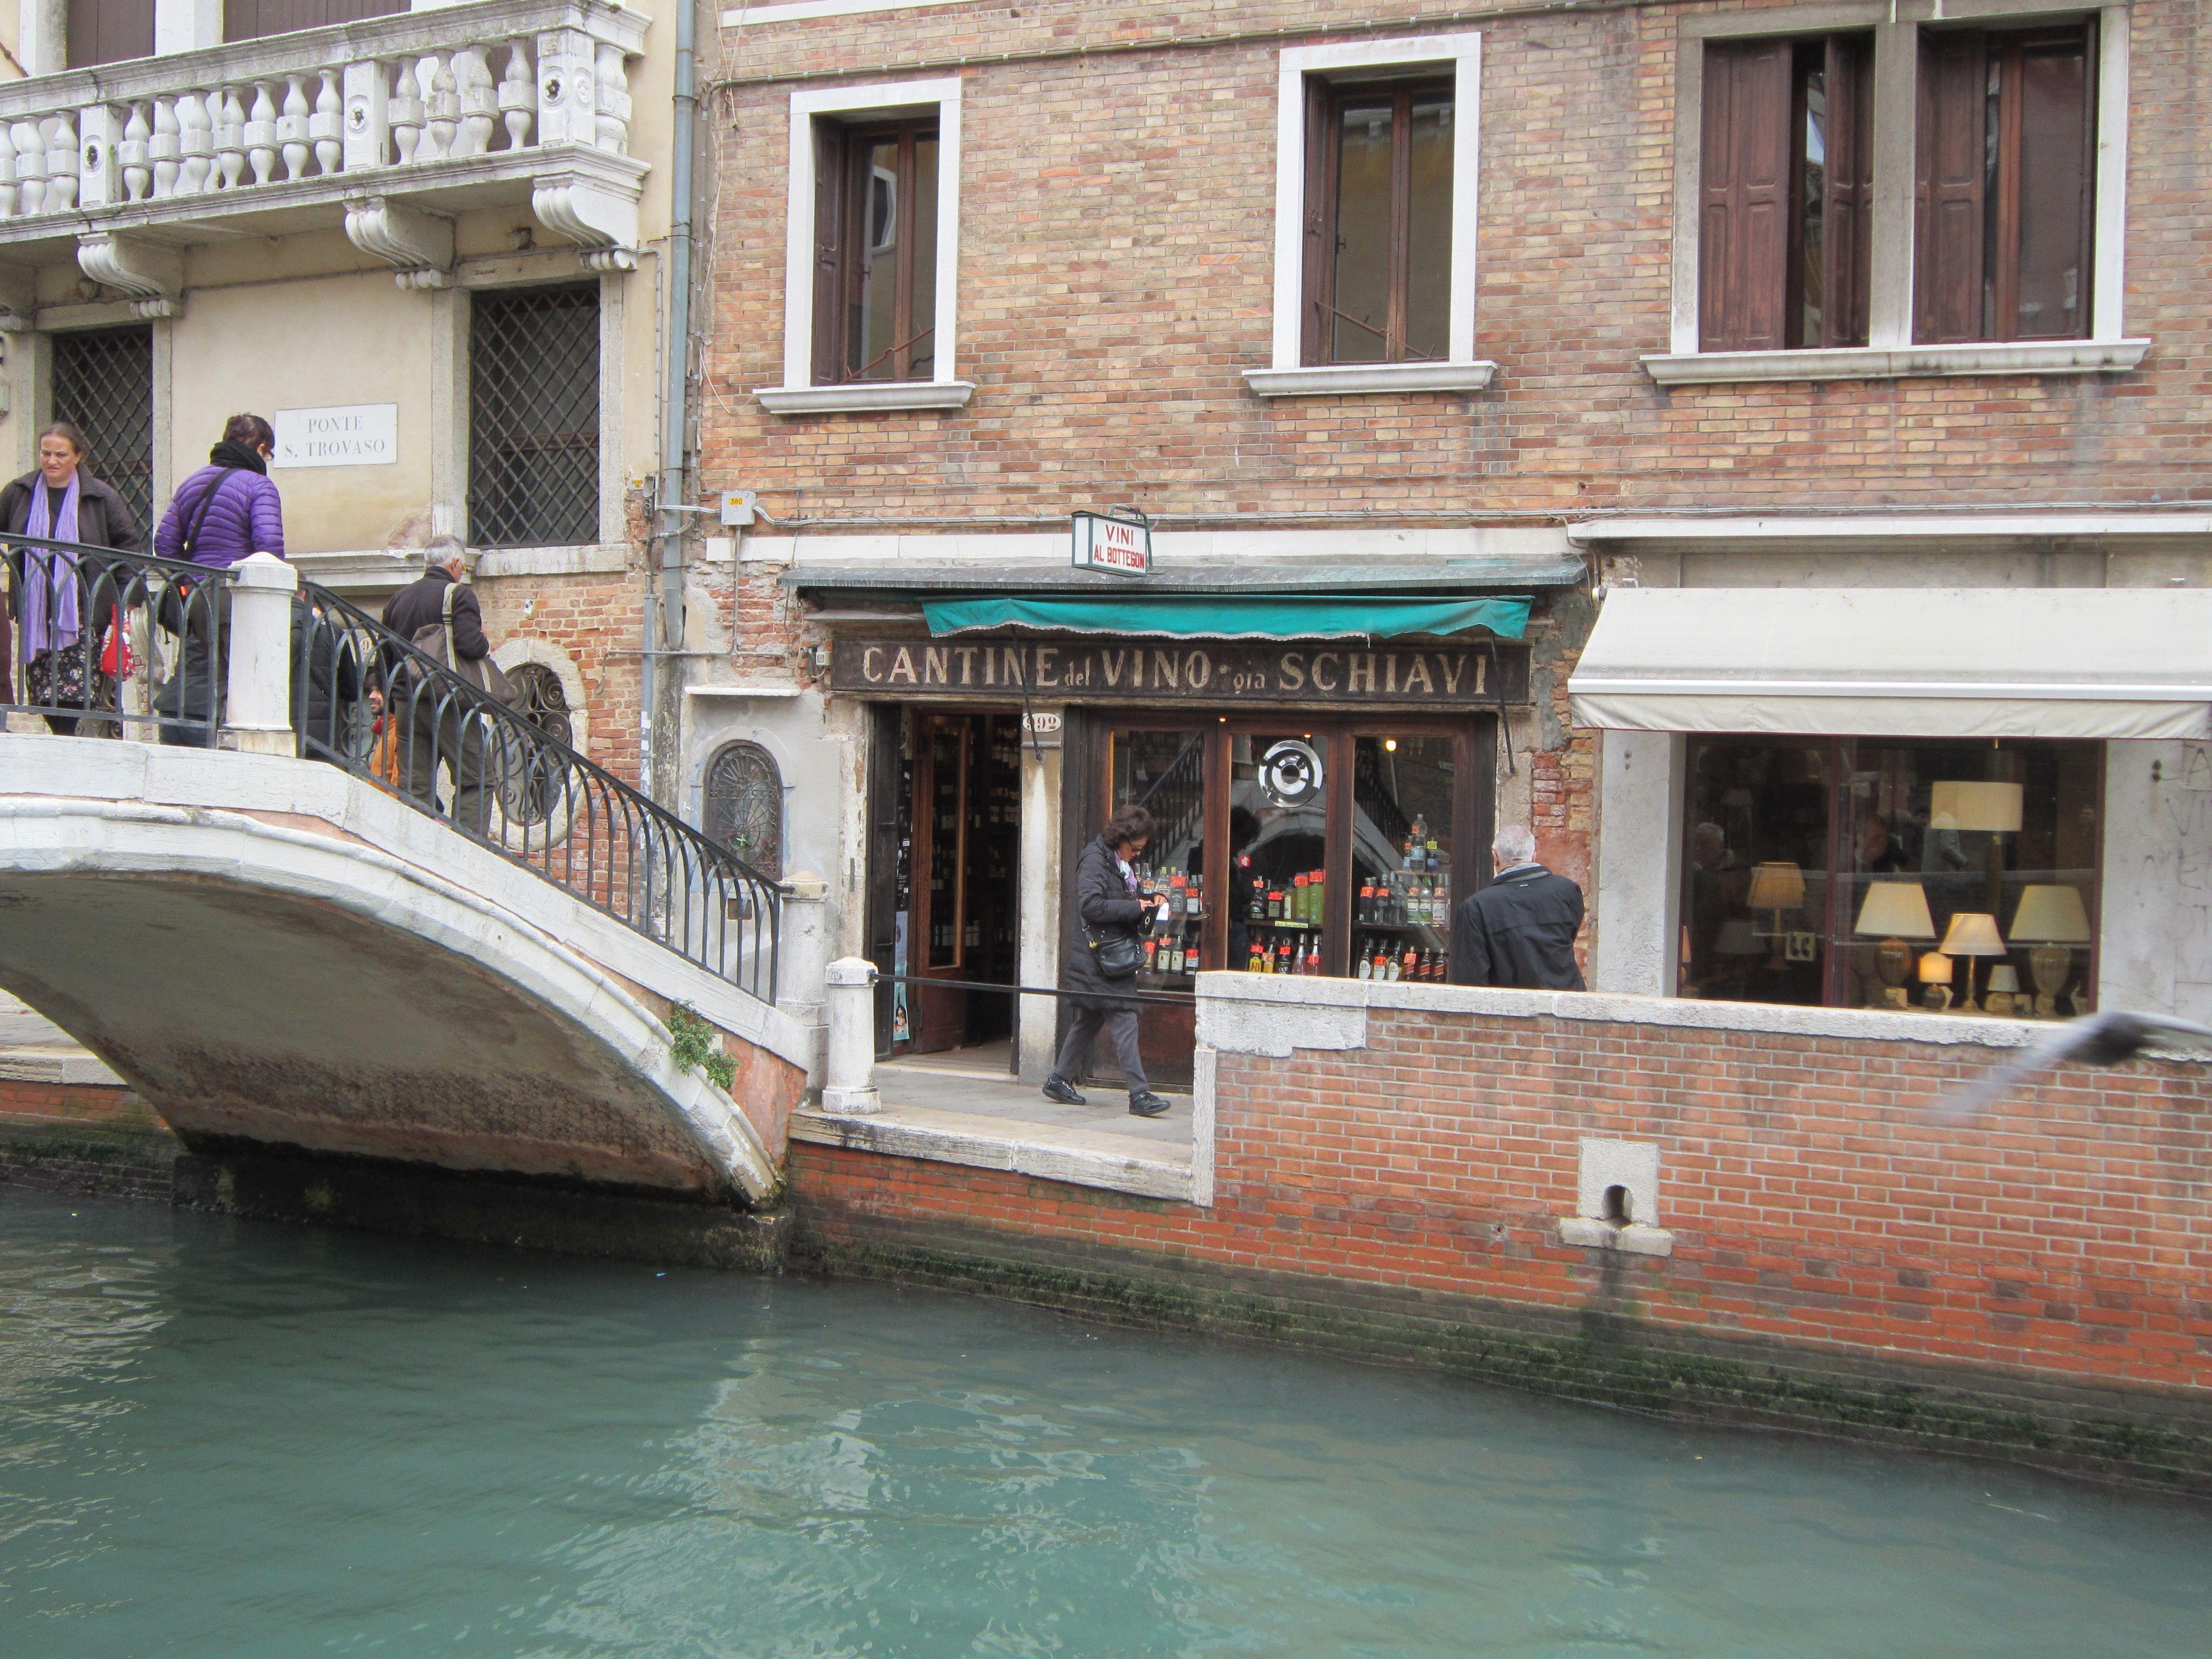 Vini al Boteggon - a must visit in Venice  Check trip advisor for Cantinone Gia' Schiavi